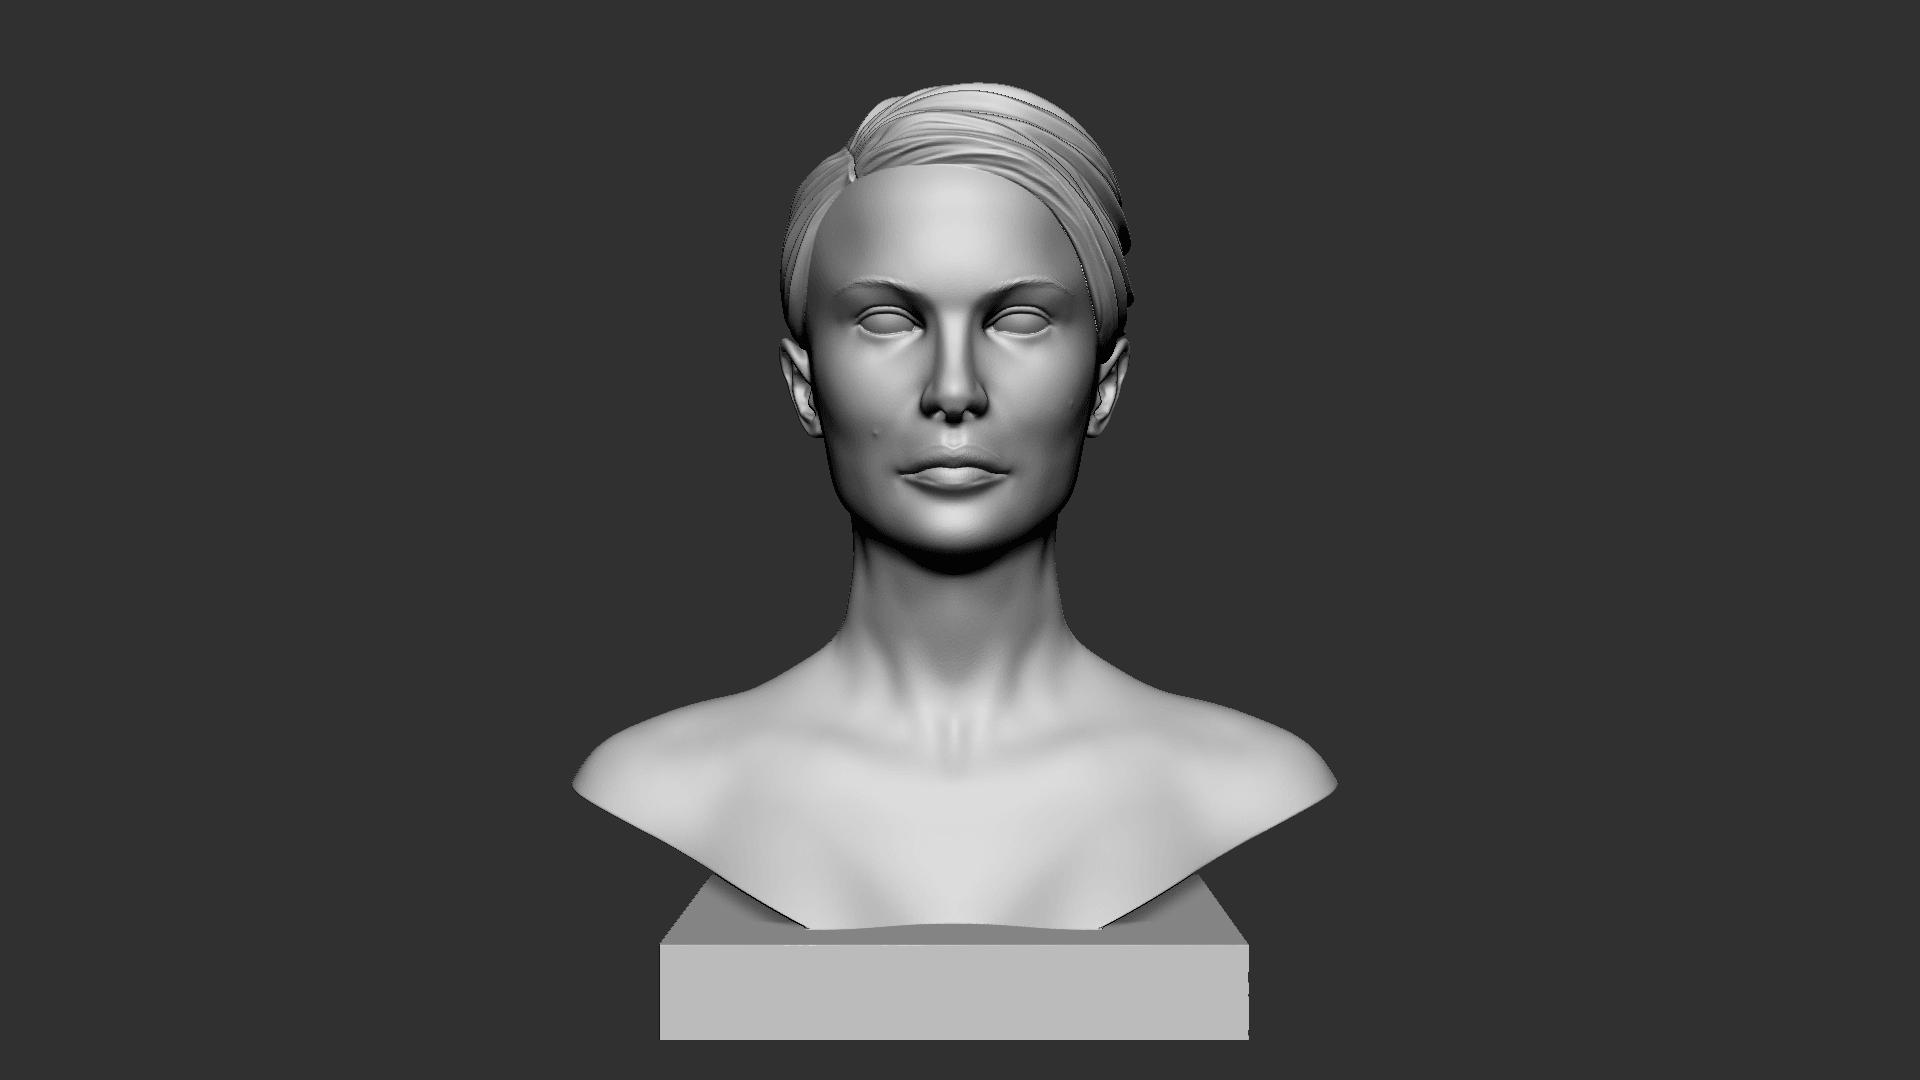 Portman_01.png Download OBJ file Natalie Portman Bust • 3D printing object, Ben_M